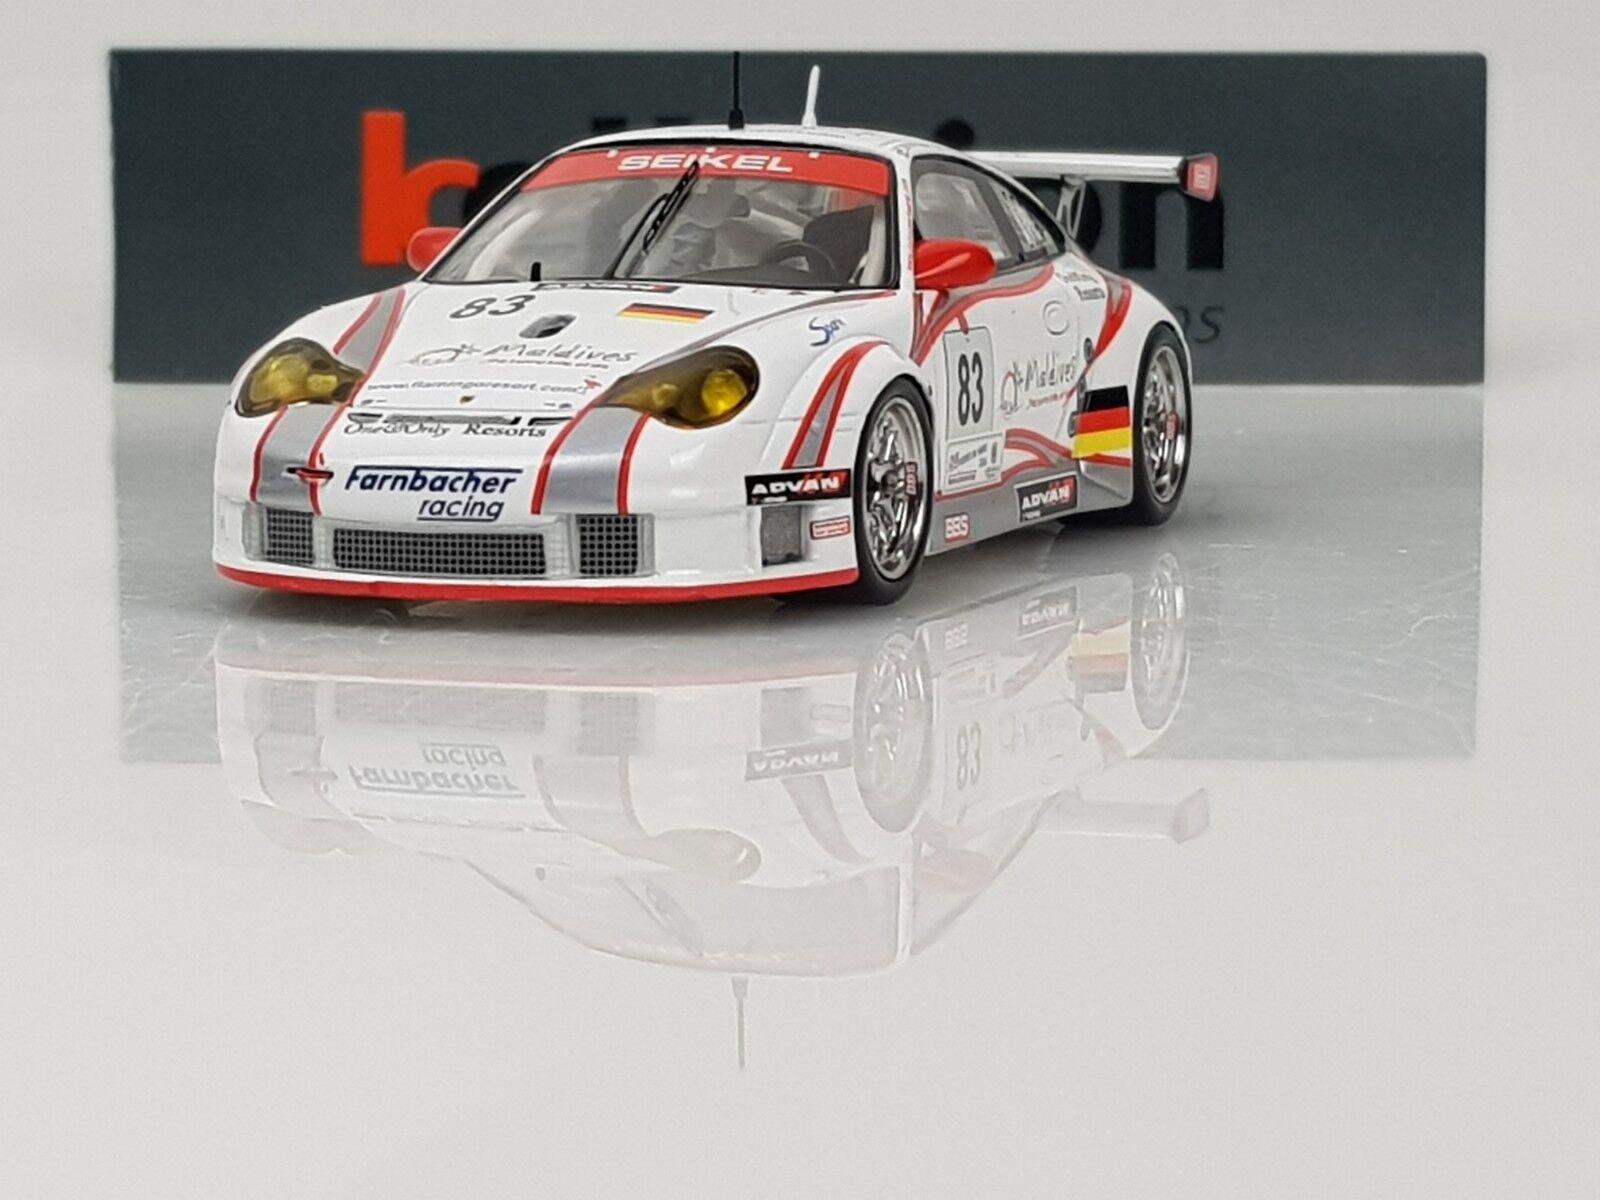 SPARK S0971 Porsche 996 GT3 RSR n°83 Le Mans 2006 1.43 NB